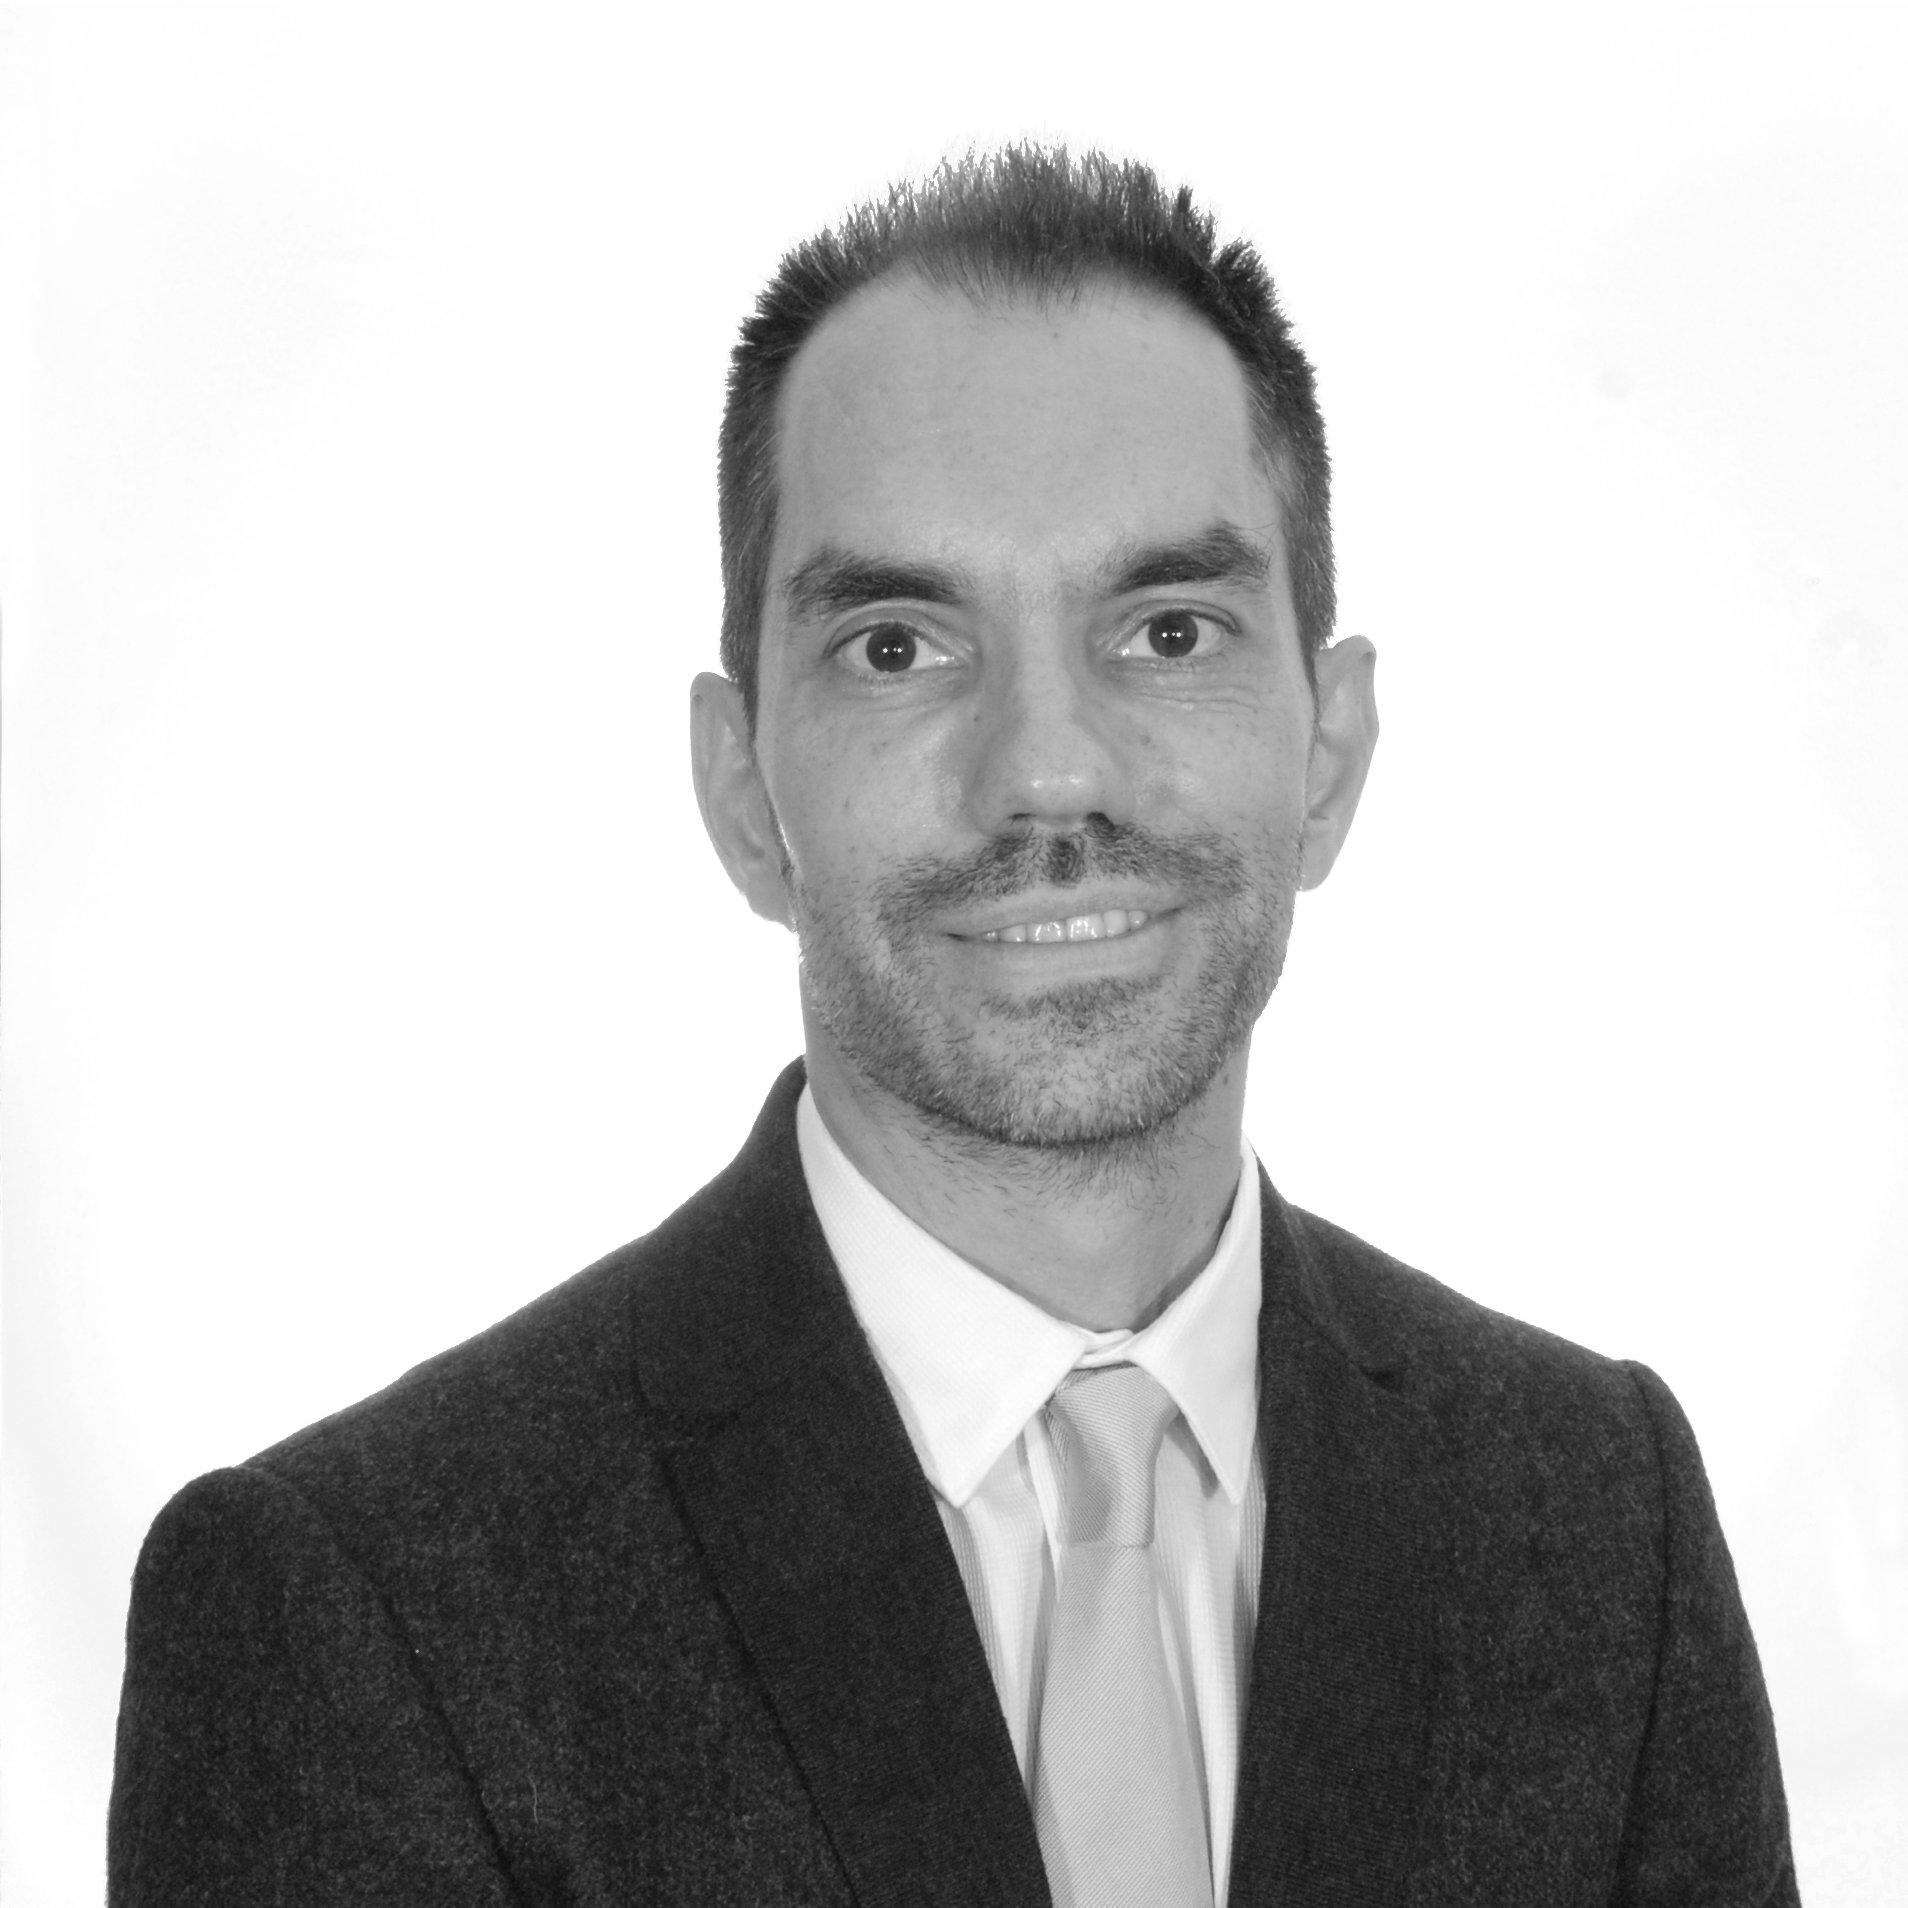 Mr. Alex Stavridis